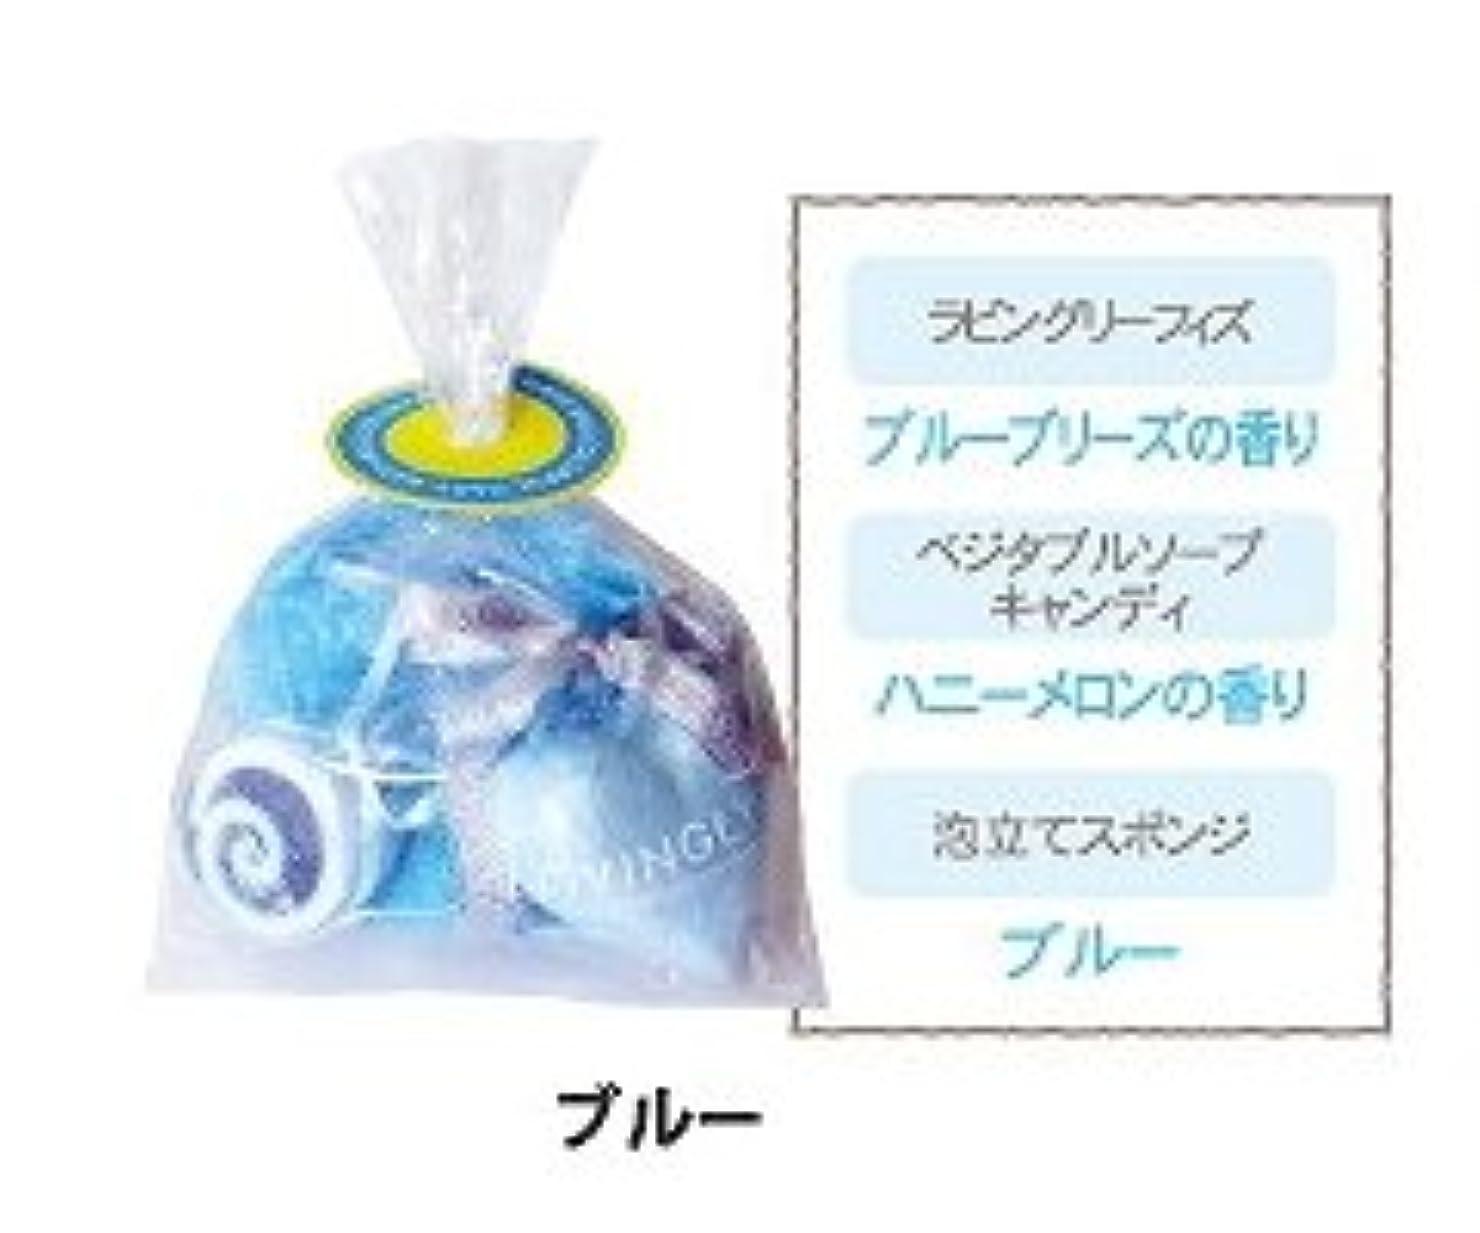 ましい降臨代数的カラフルキャンディ バスバッグ ブルー 12個セット